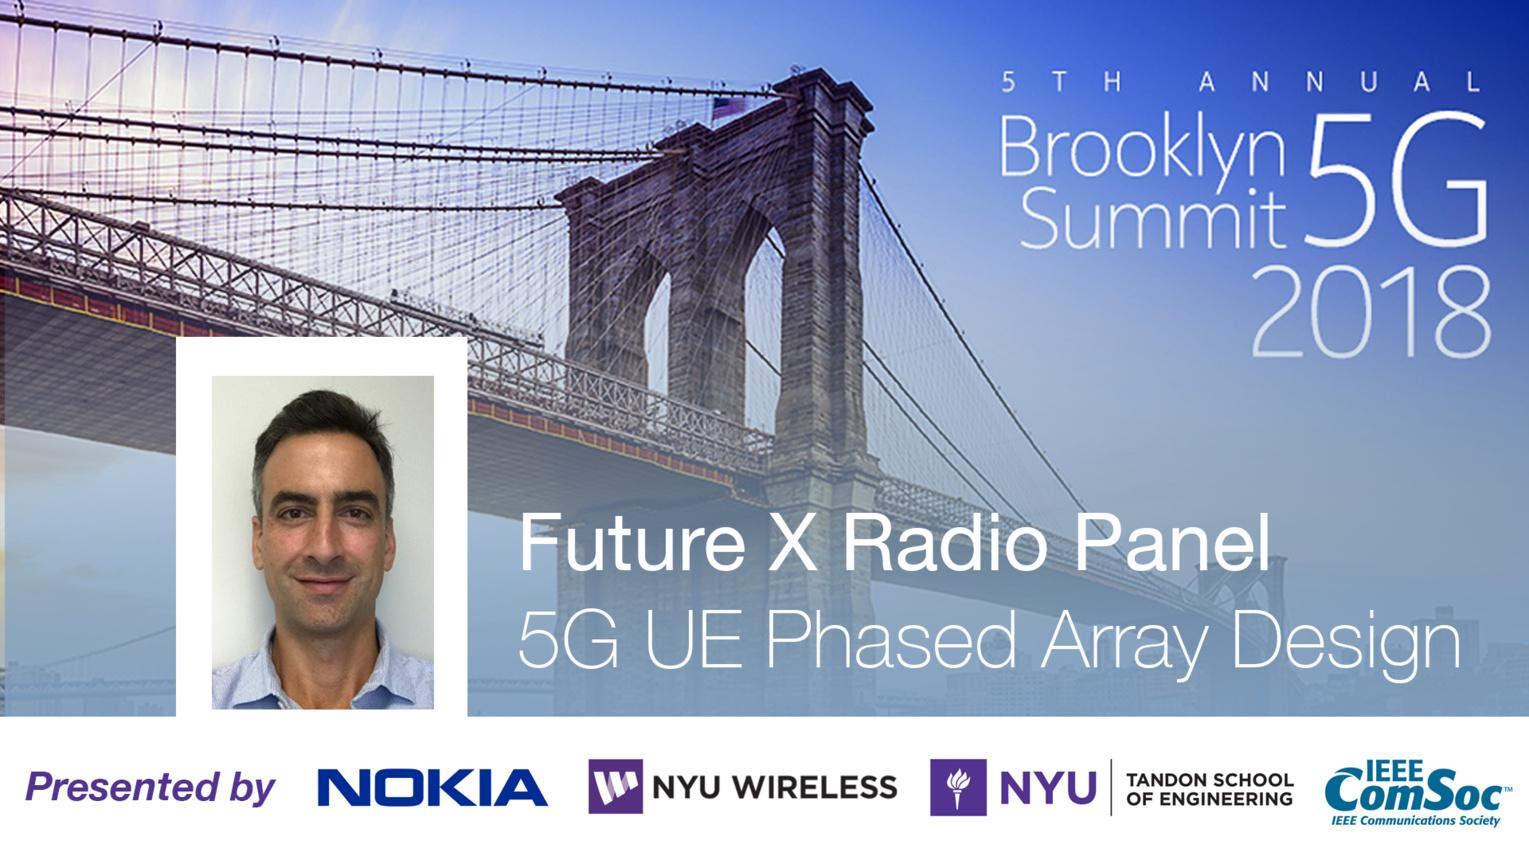 5G UE Phased Array Design - Future X Radio Panel Talk - Ozge Koymen - Brooklyn 5G Summit 2018